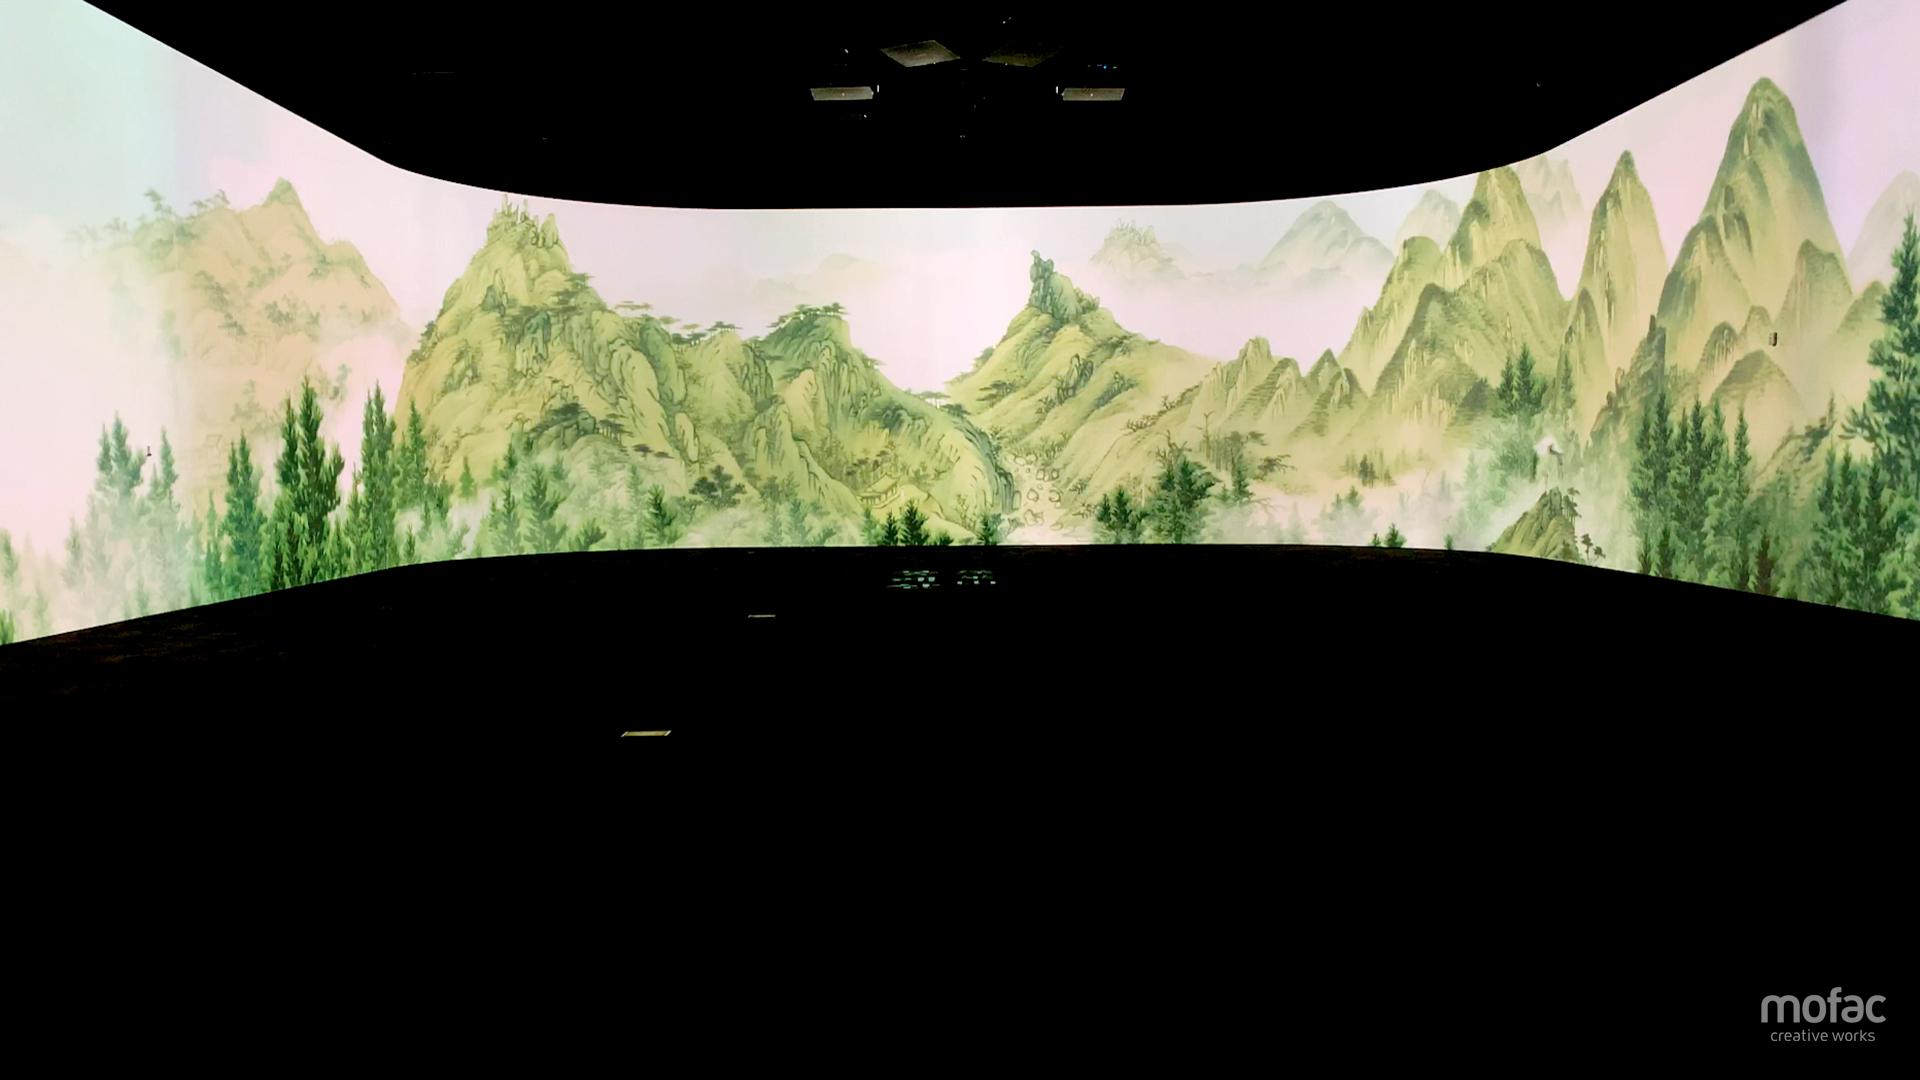 국립중앙박물관의 영화 같은 문화유산 실감콘텐츠 선보인 모팩